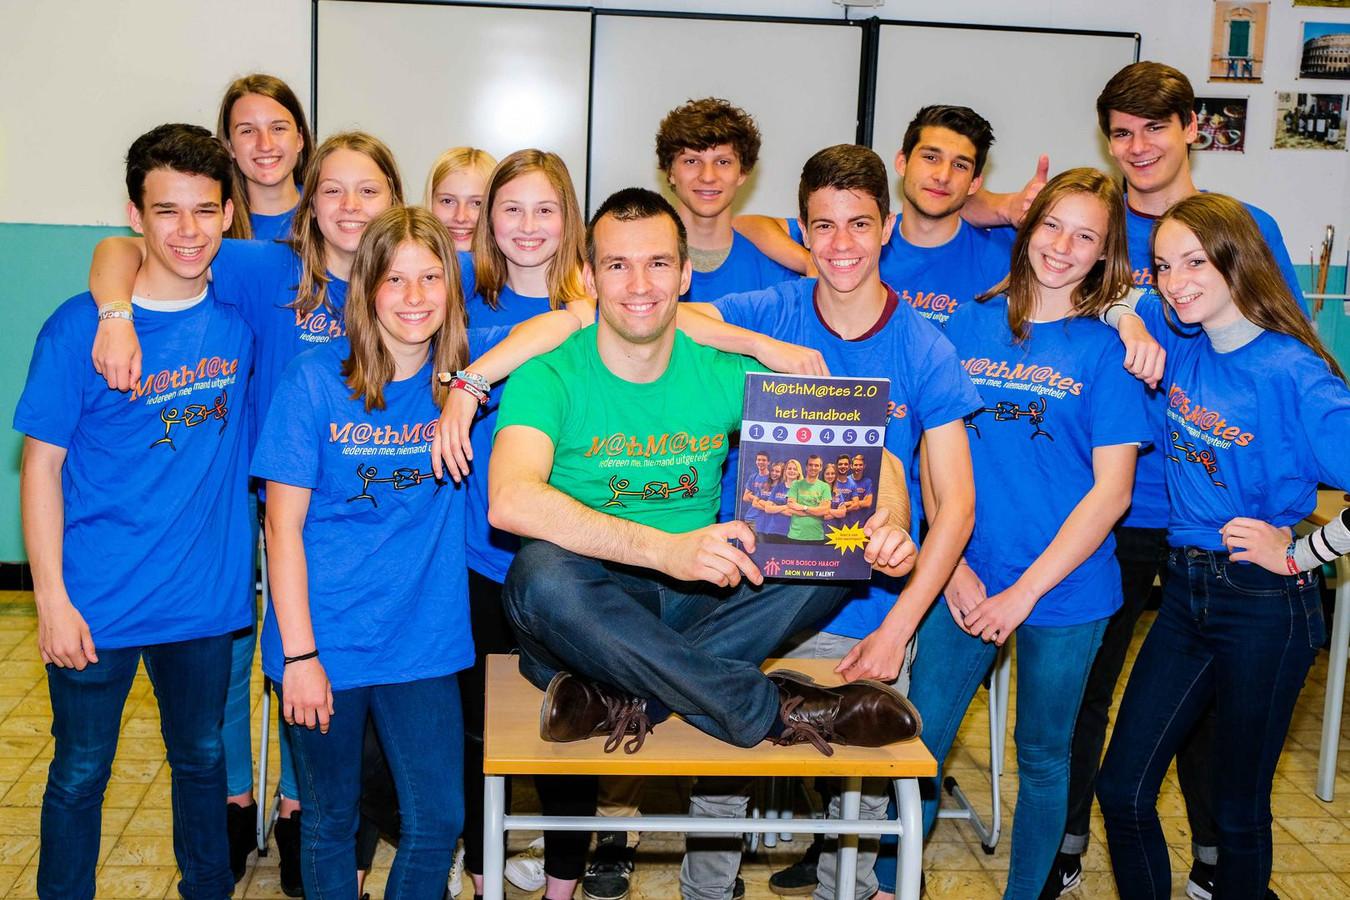 Leerkracht Kristof Van Campenhout met enkele van de leerlingen die ook in het handboek M@thM@tes fungeren.